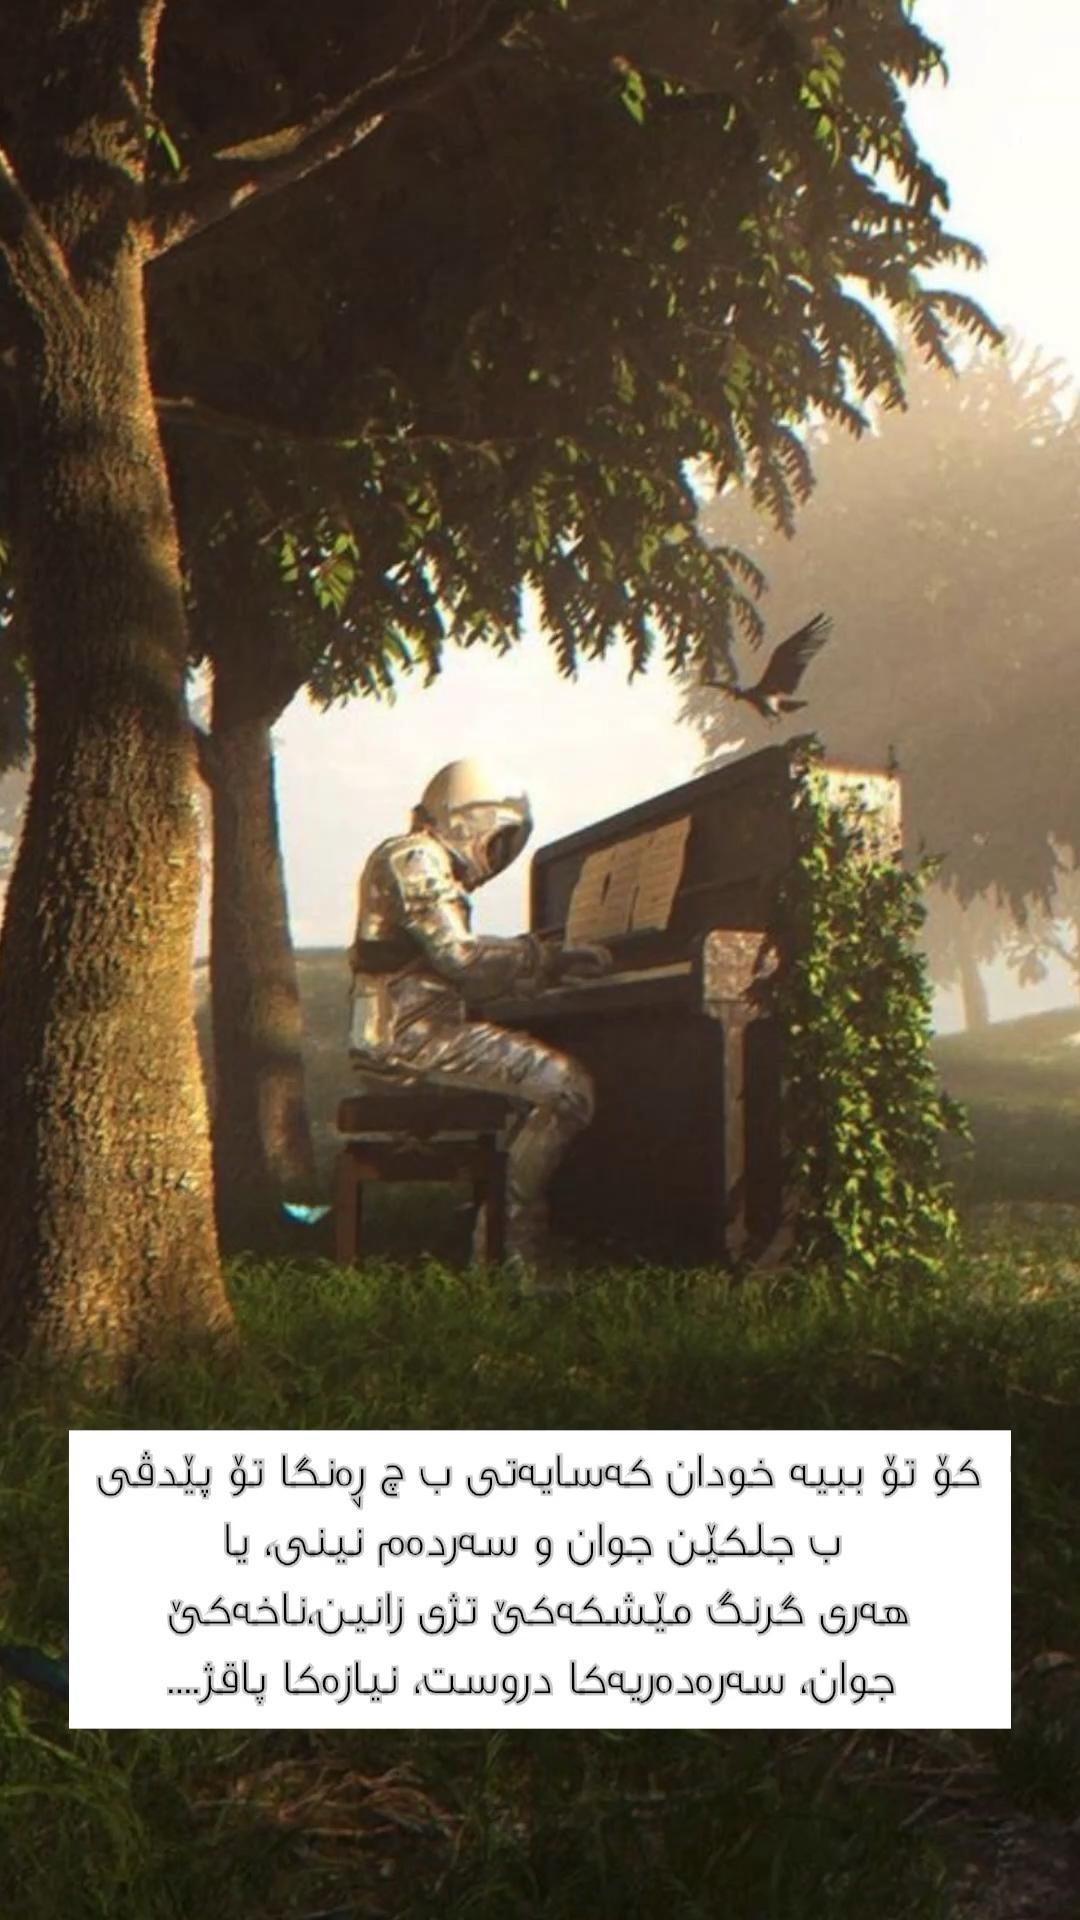 Kurdish text